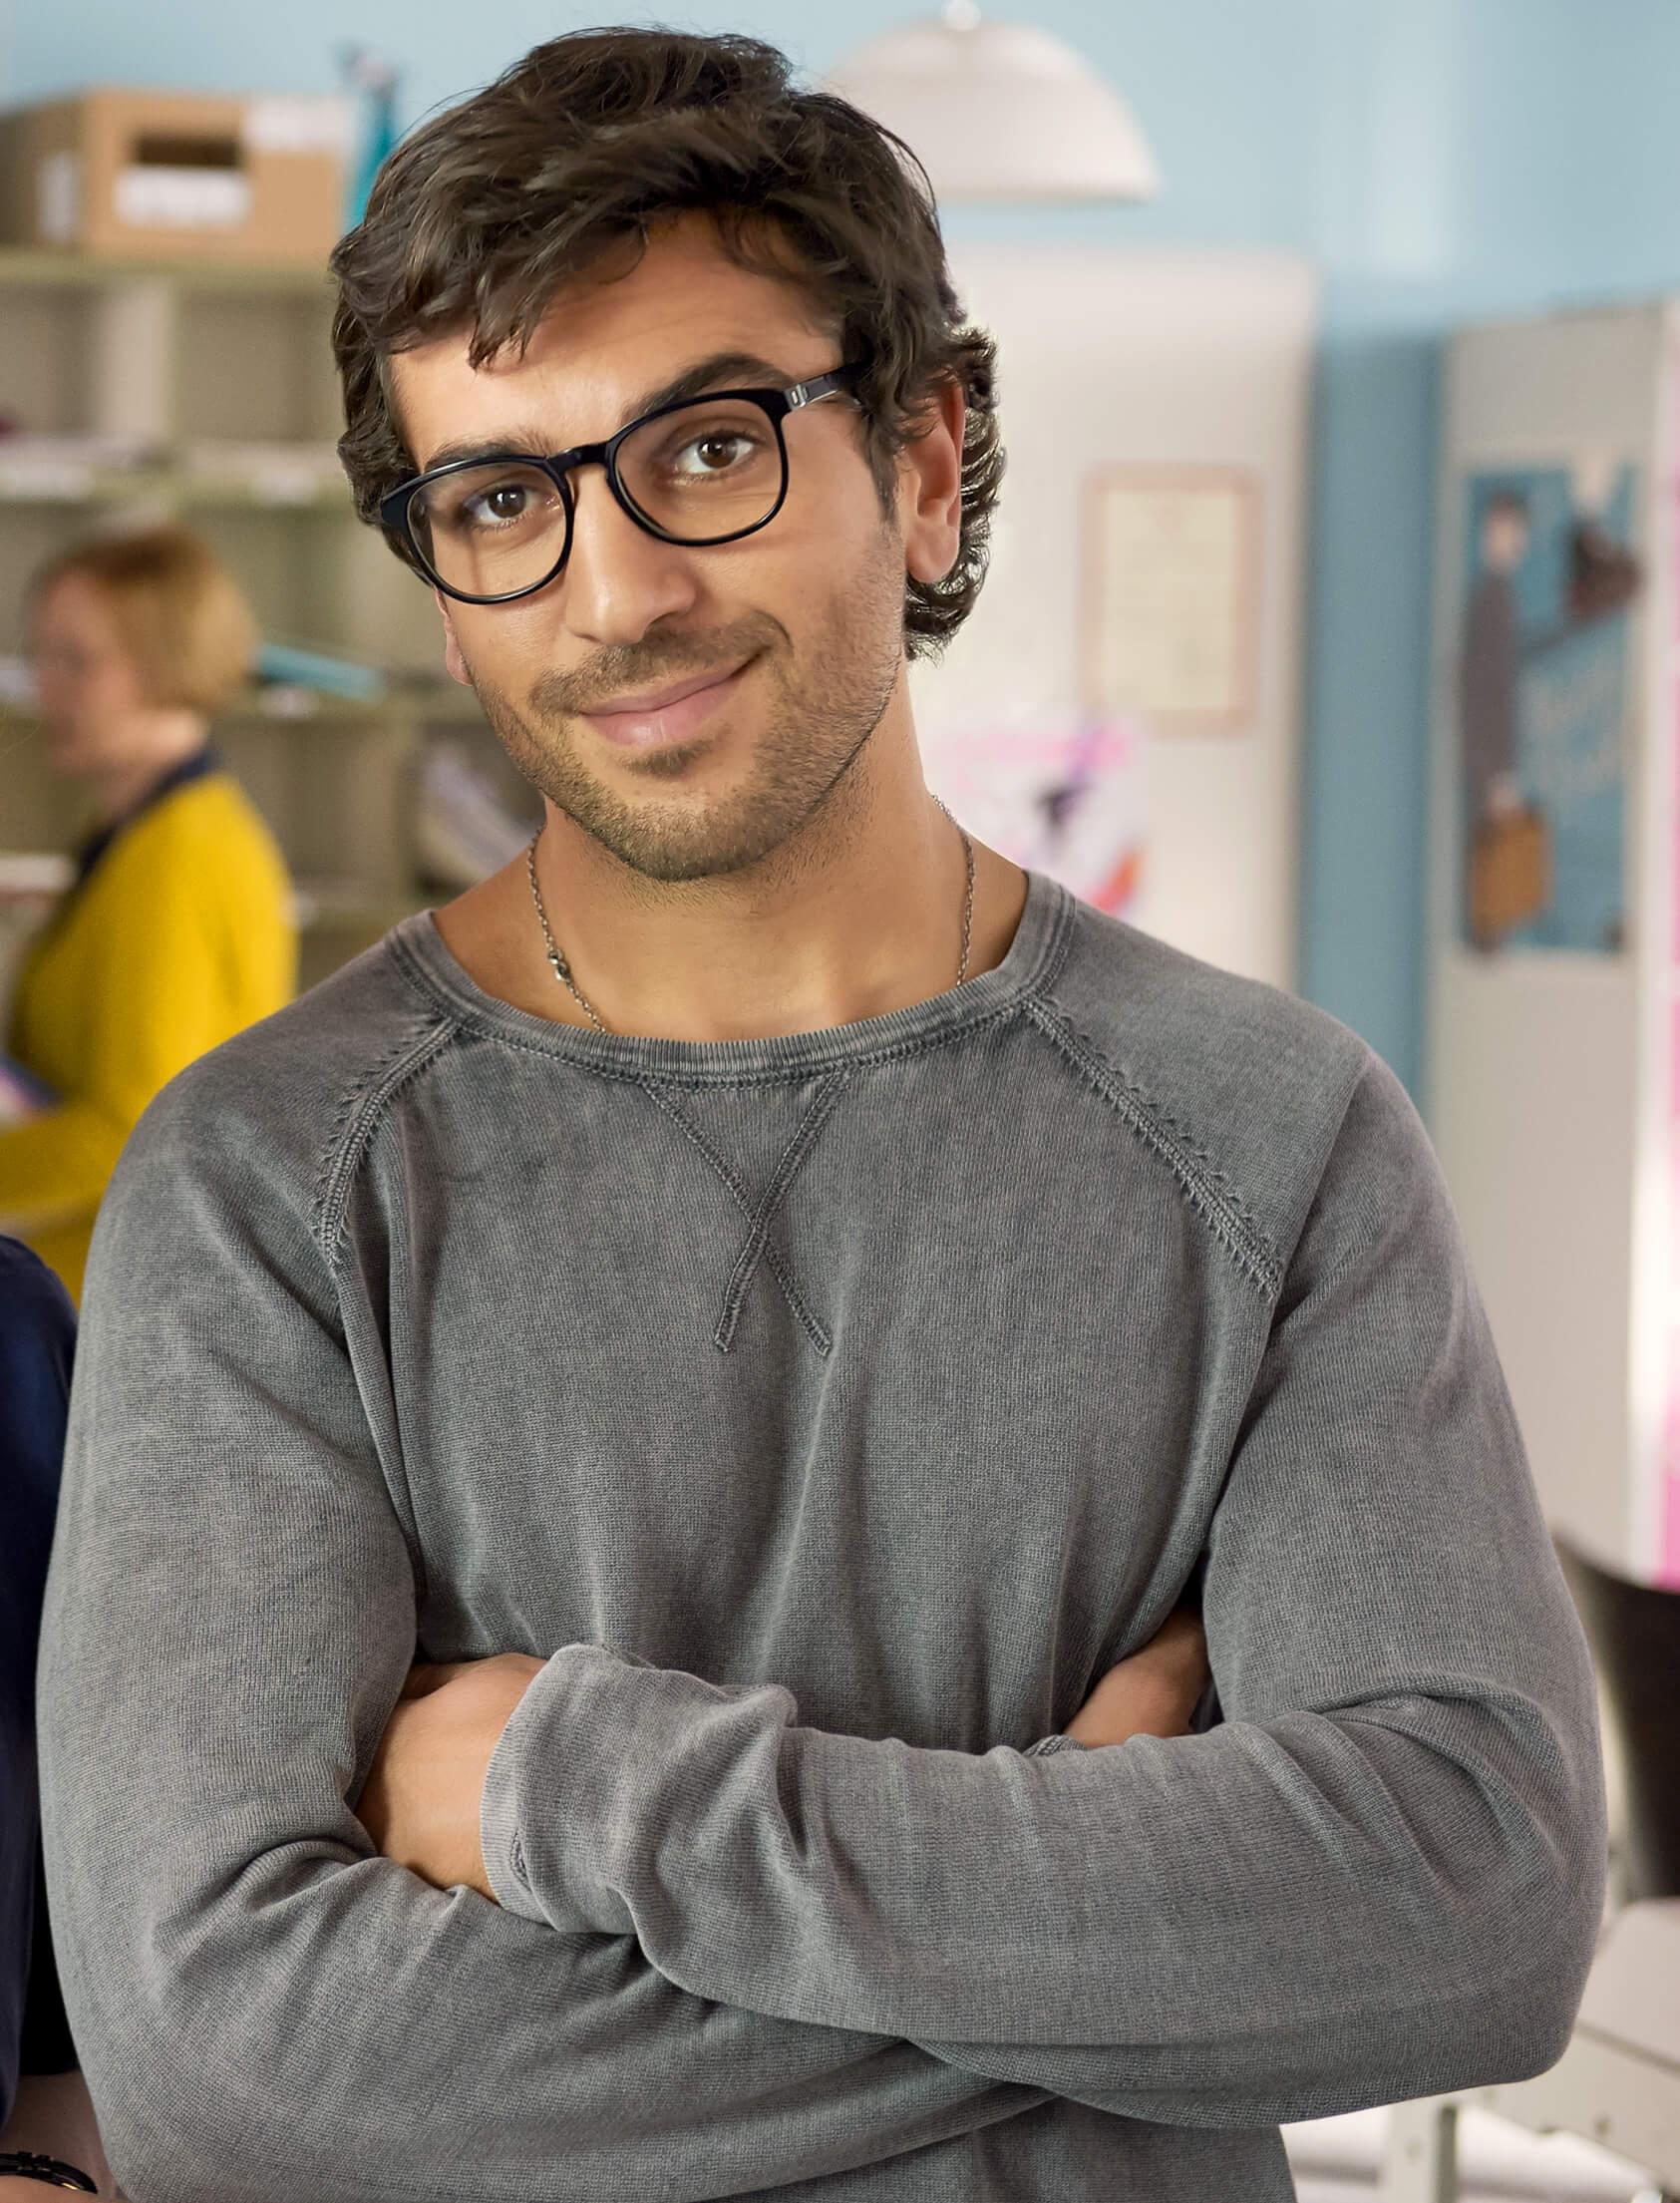 Brillen (Männer) der Promis zum Nachkaufen!